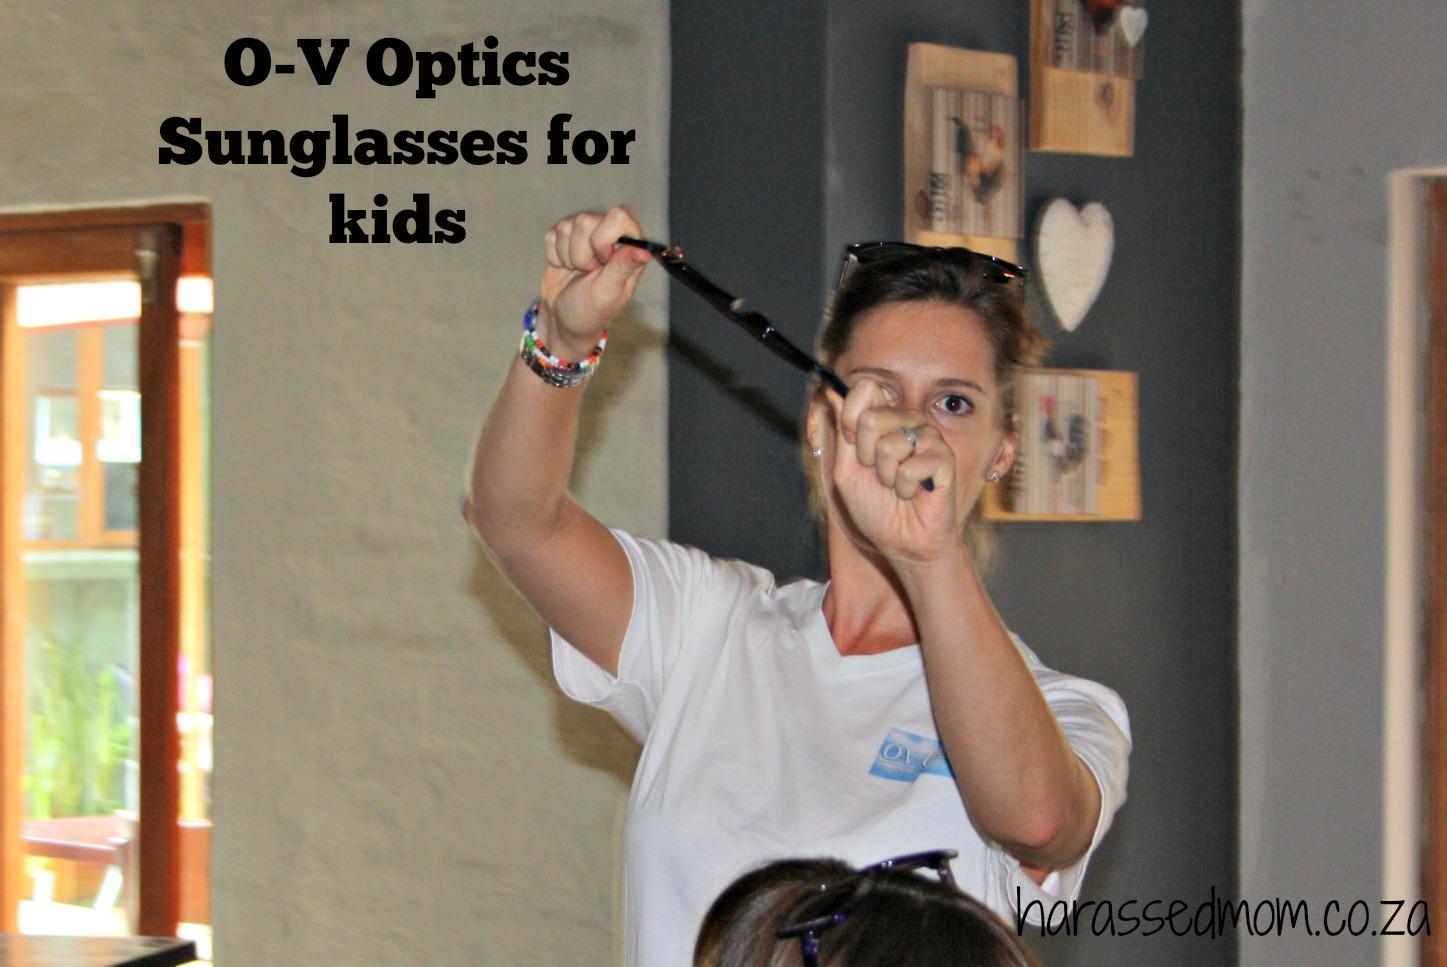 OV Optics Sunglasses for Kids